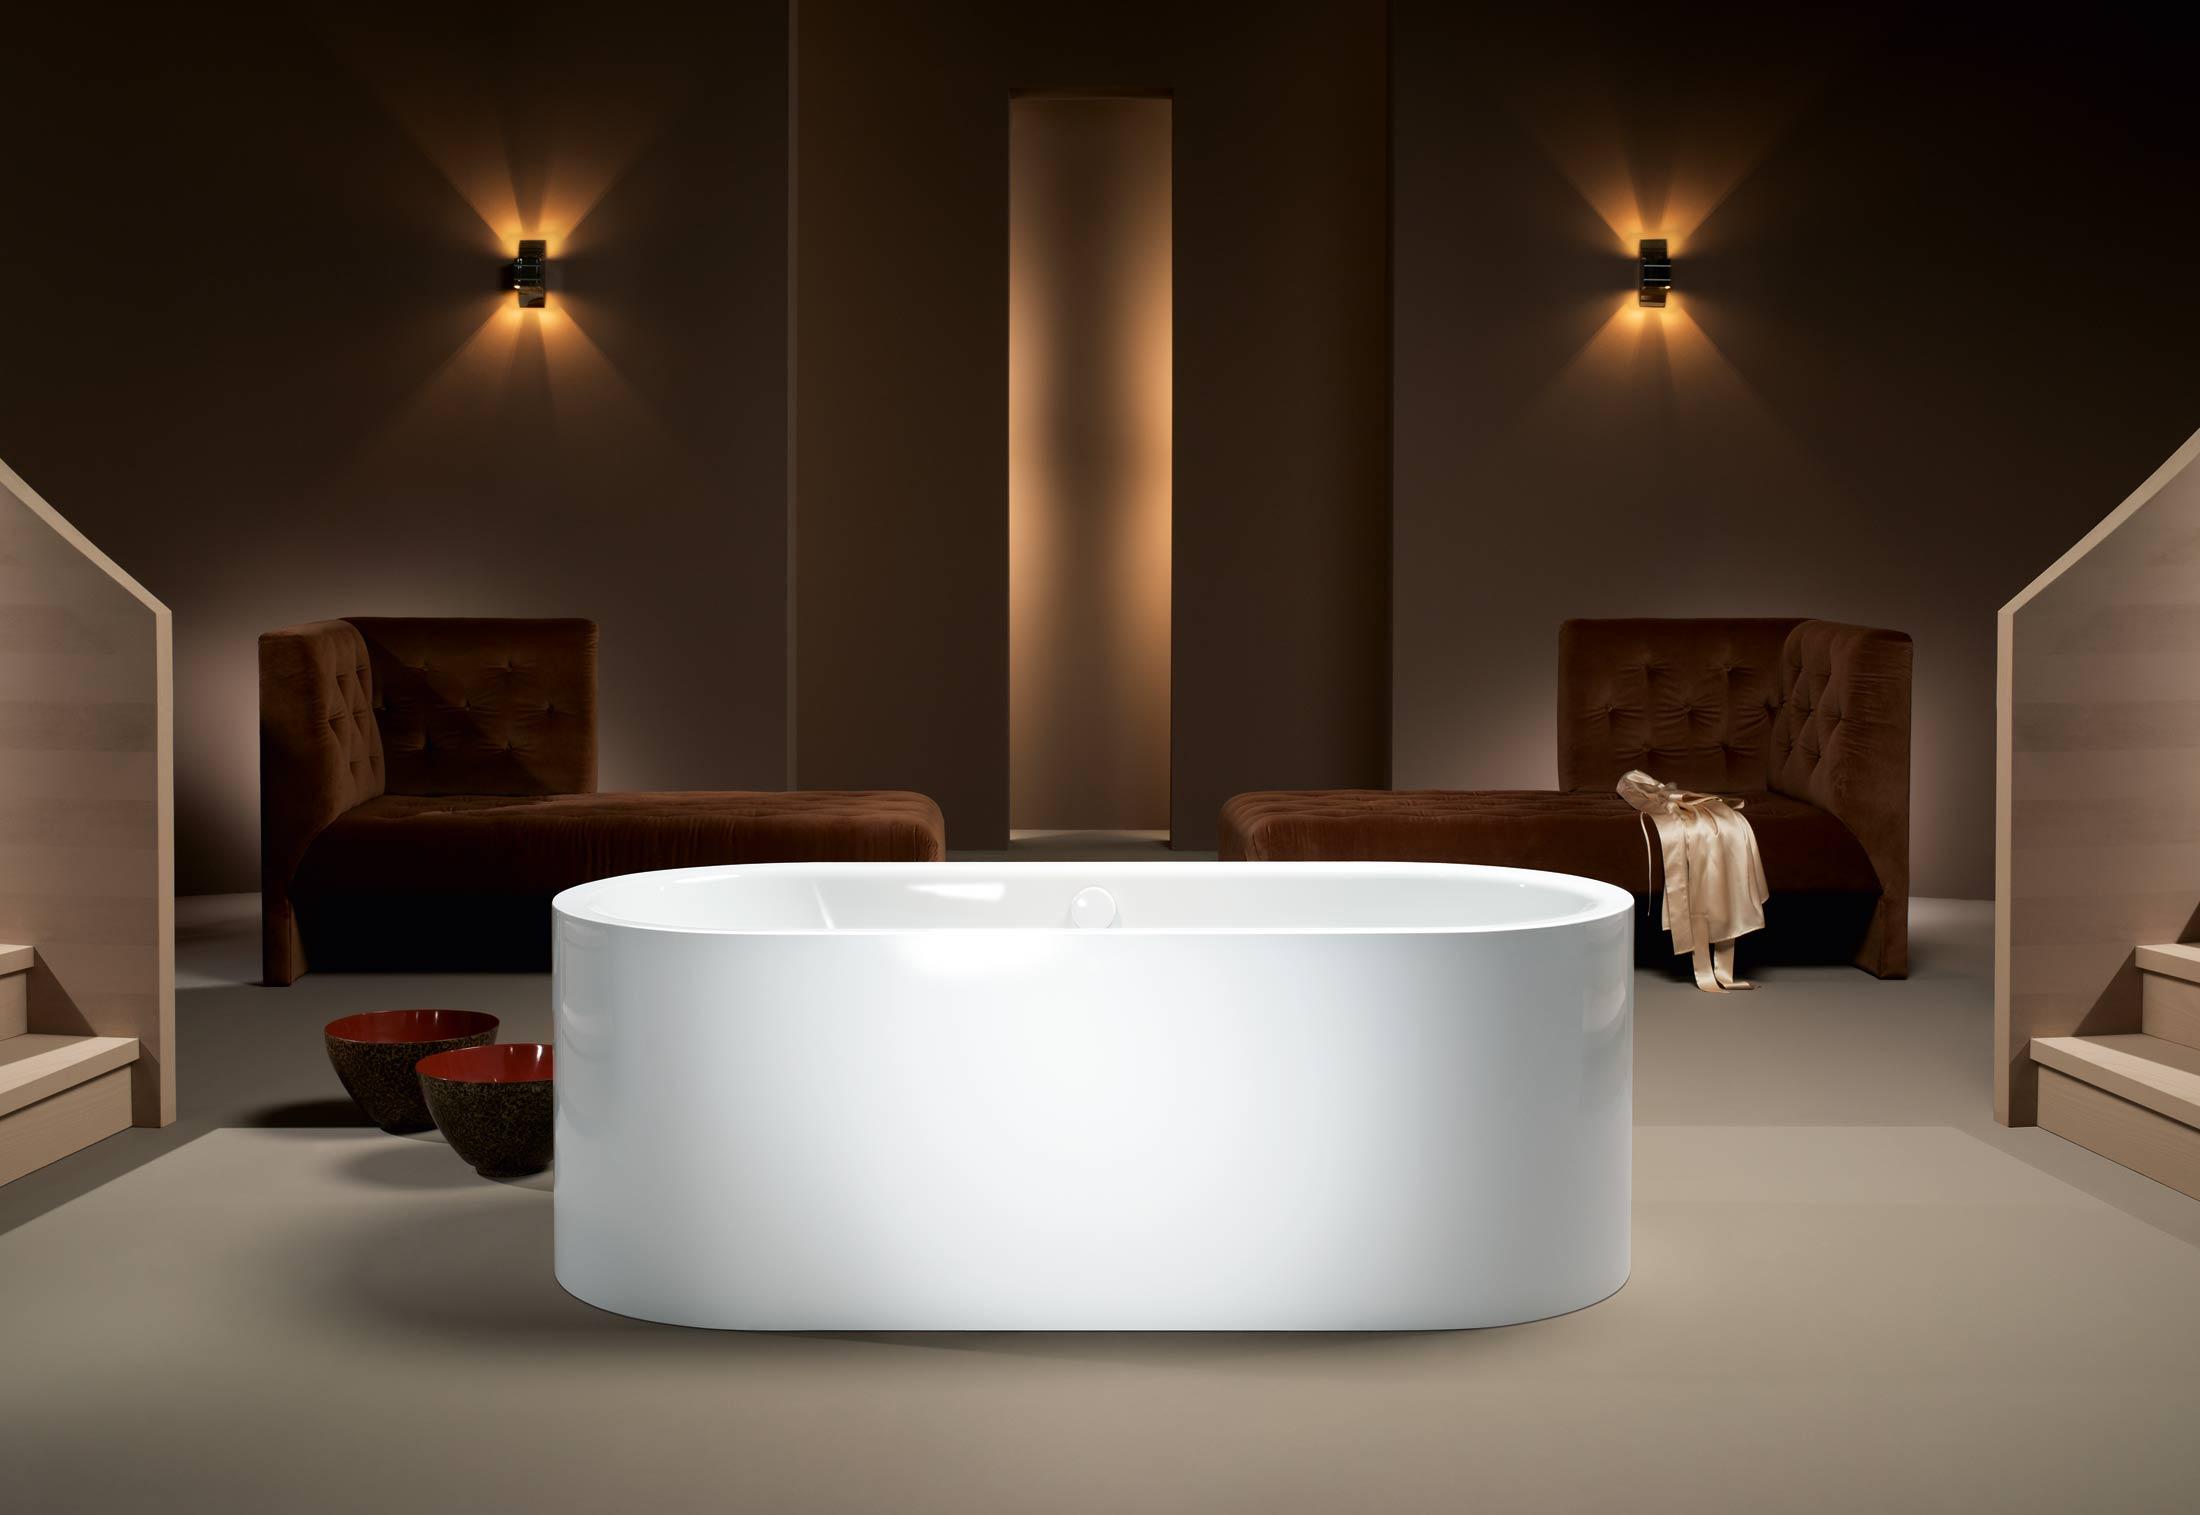 meisterst ck centro duo oval von kaldewei stylepark. Black Bedroom Furniture Sets. Home Design Ideas